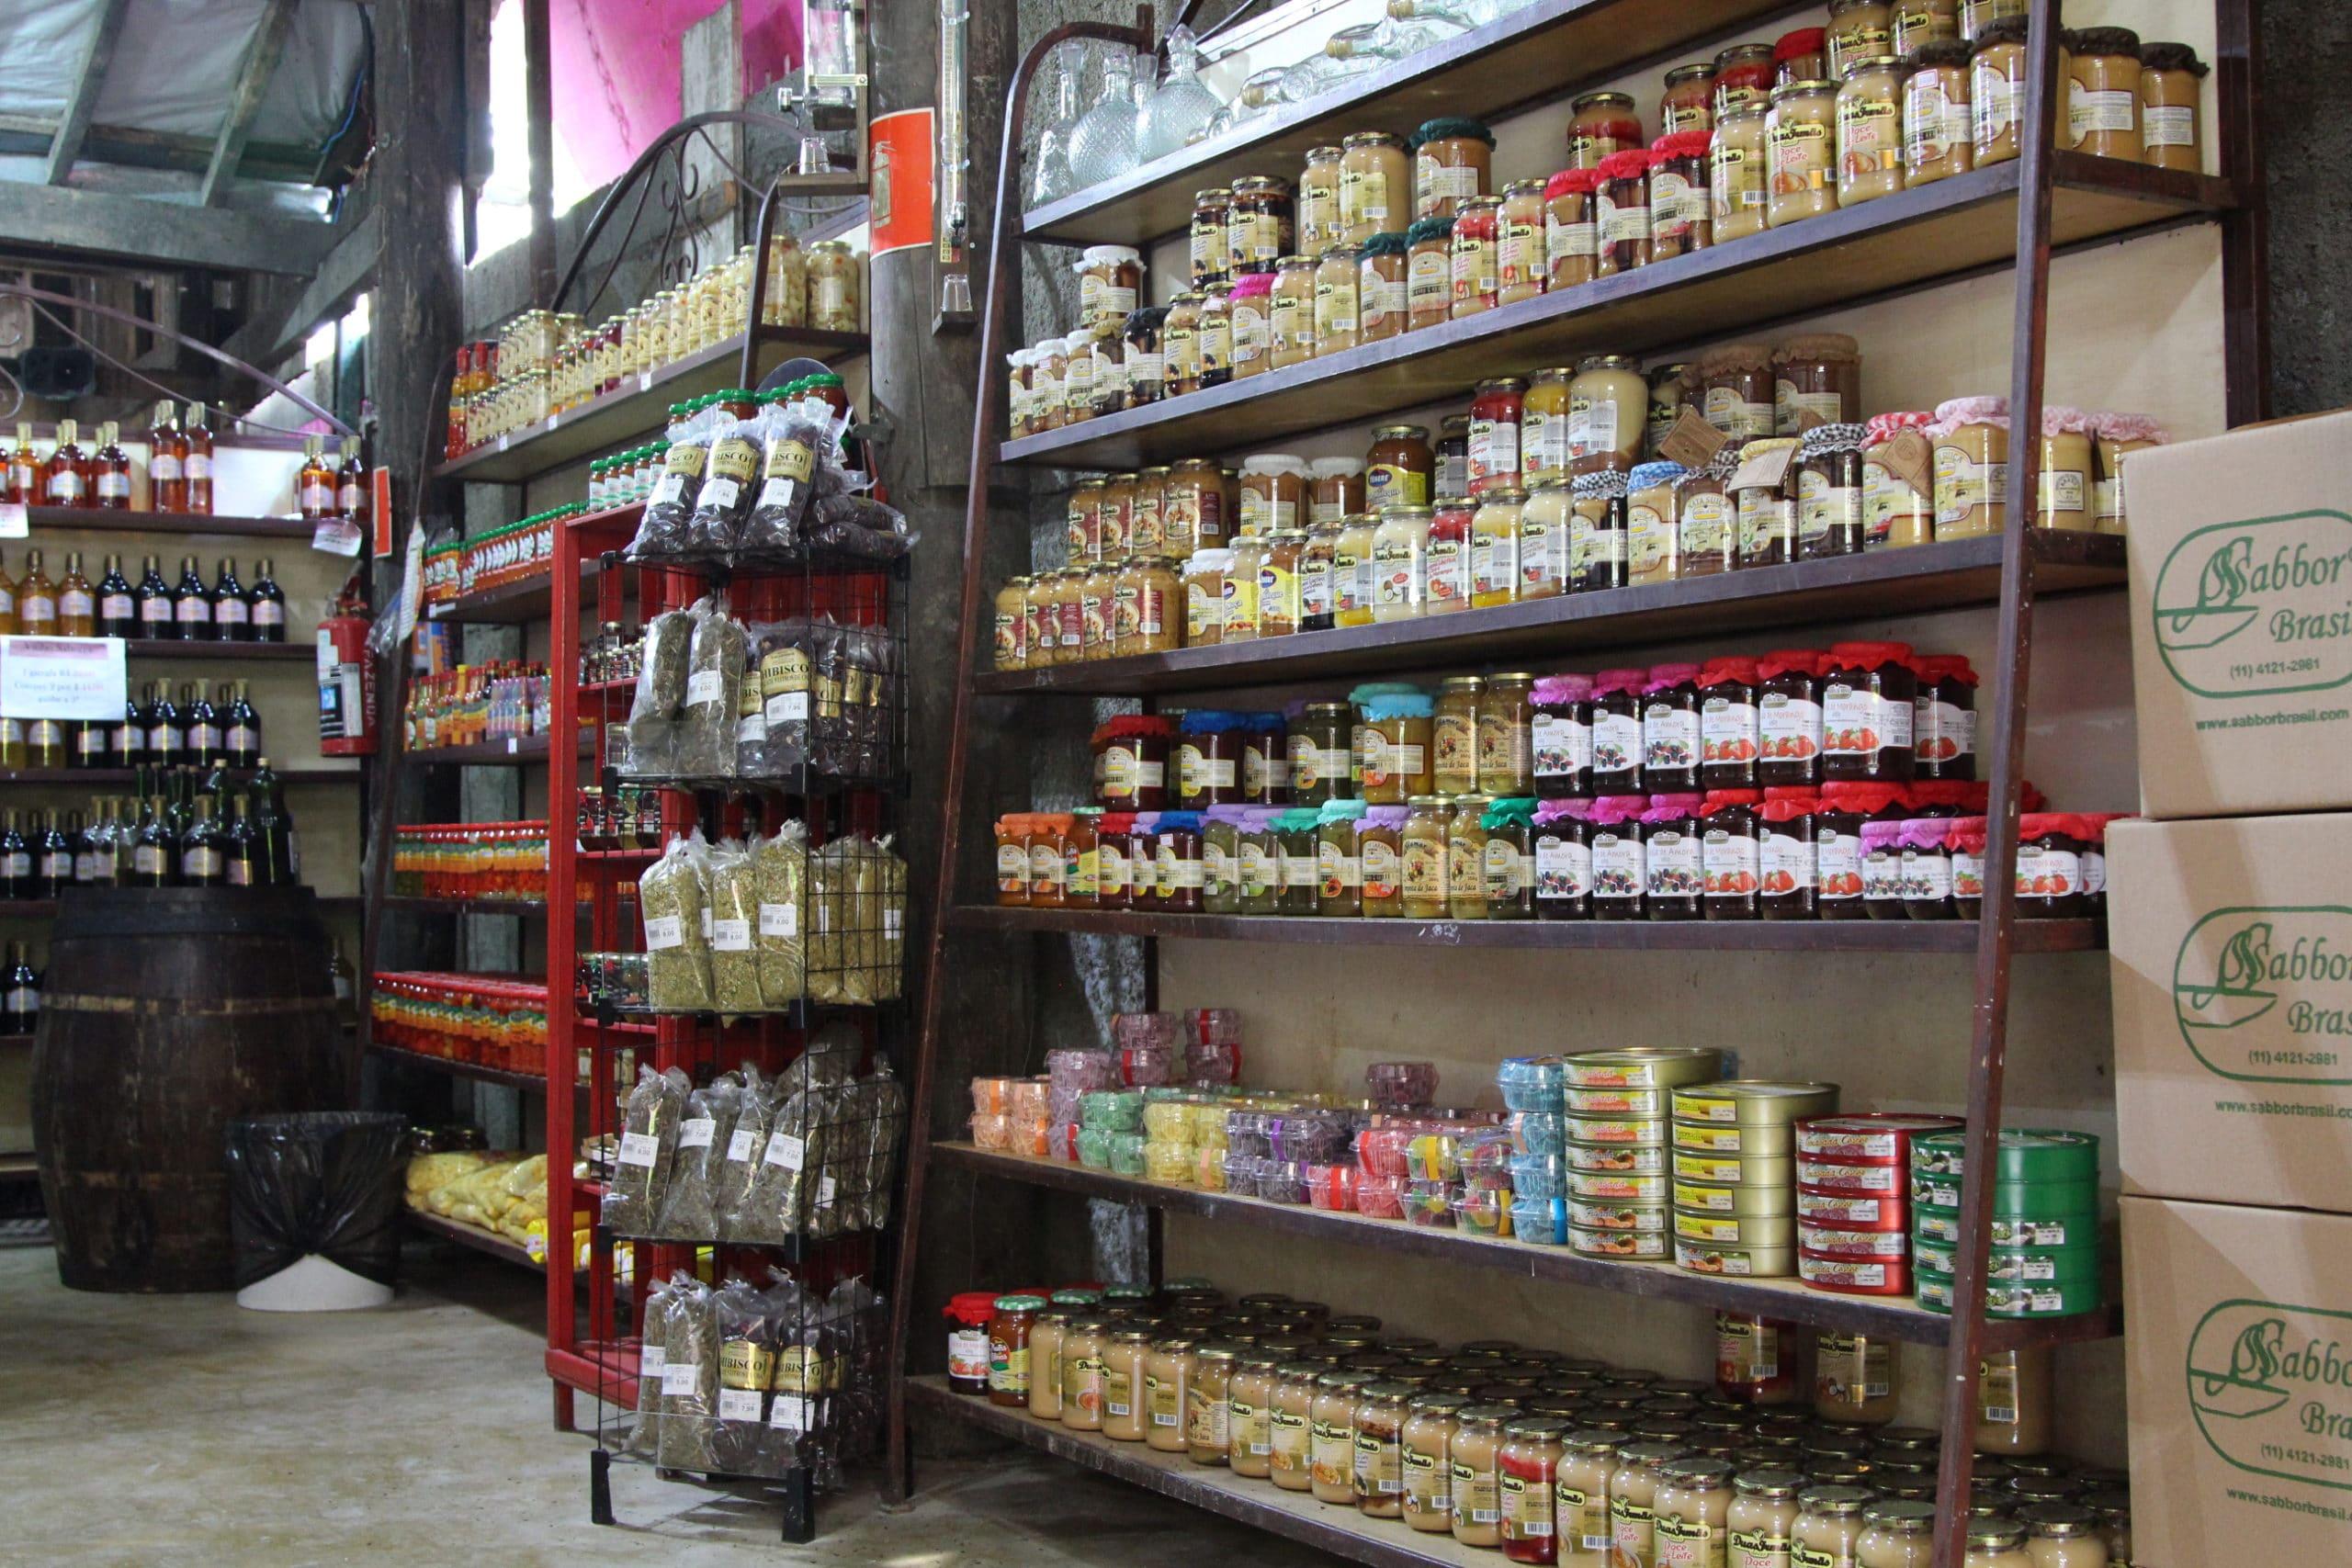 Da Fazenda Armazém - cachaçaria - embudasartes.net